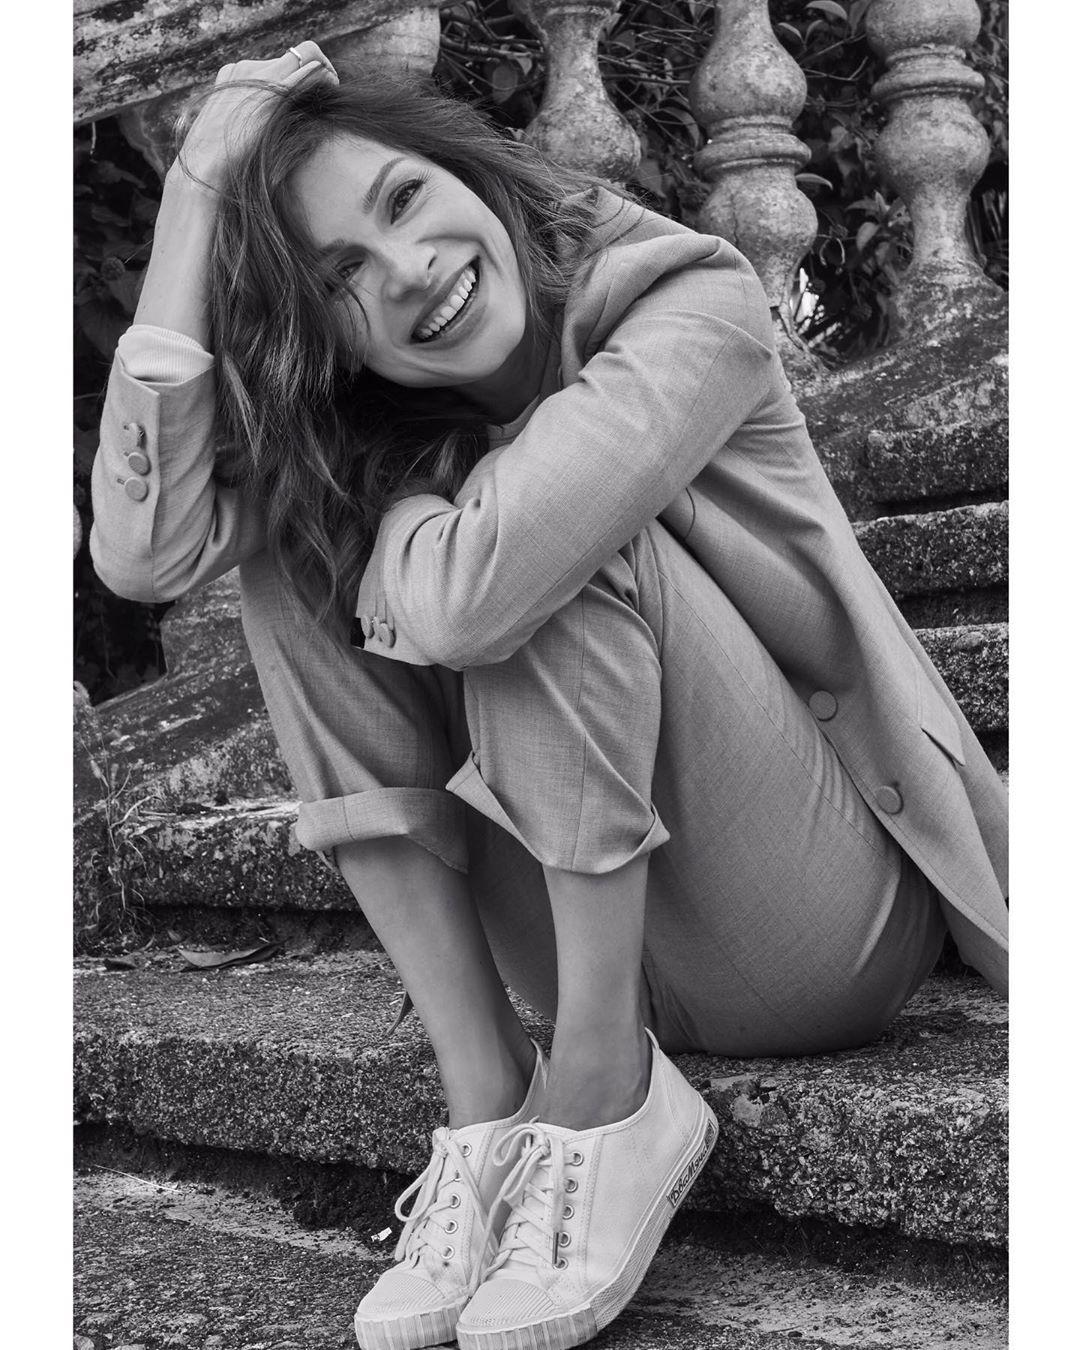 Елена Подкаминская поздравила подписчиц забавным фото и пожелала поддержки.